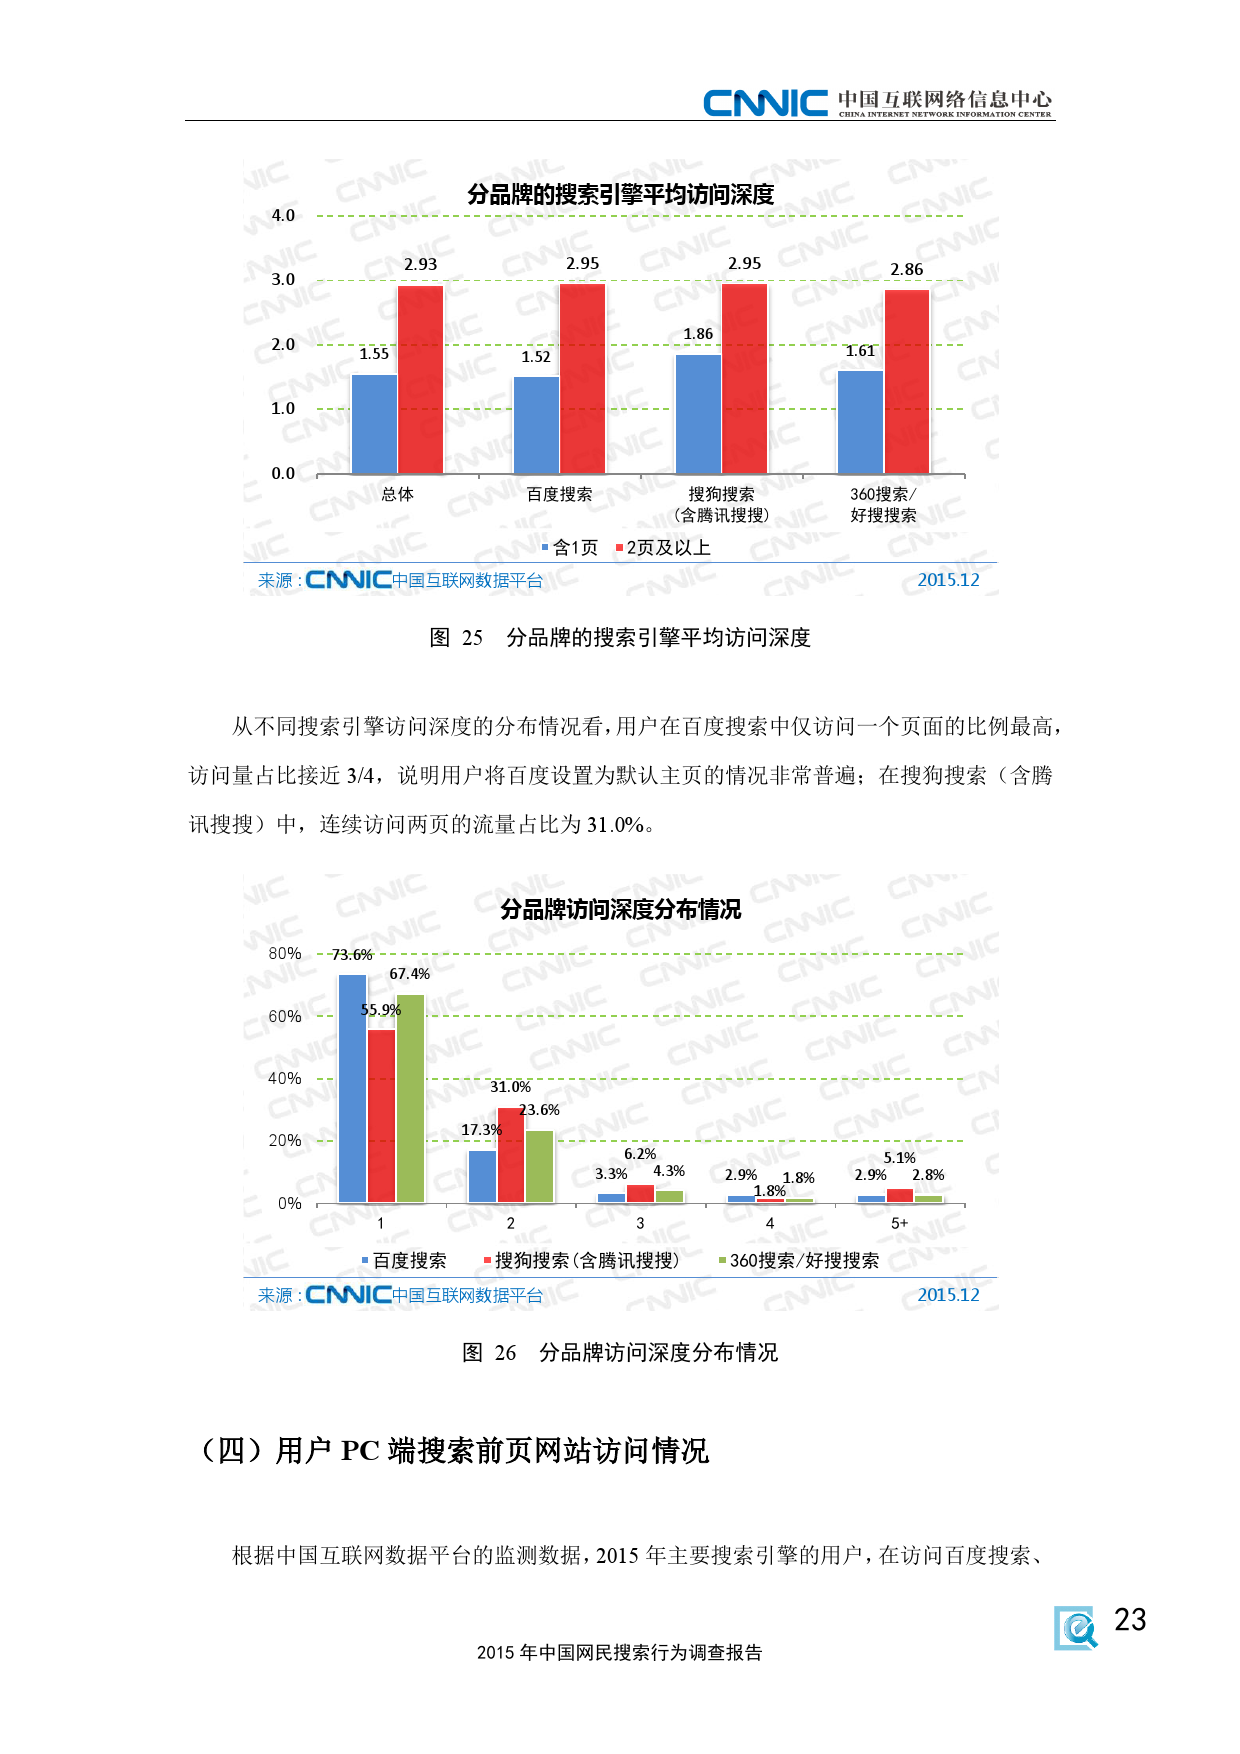 CNNIC:2015年中国网民搜索行为调查_000031